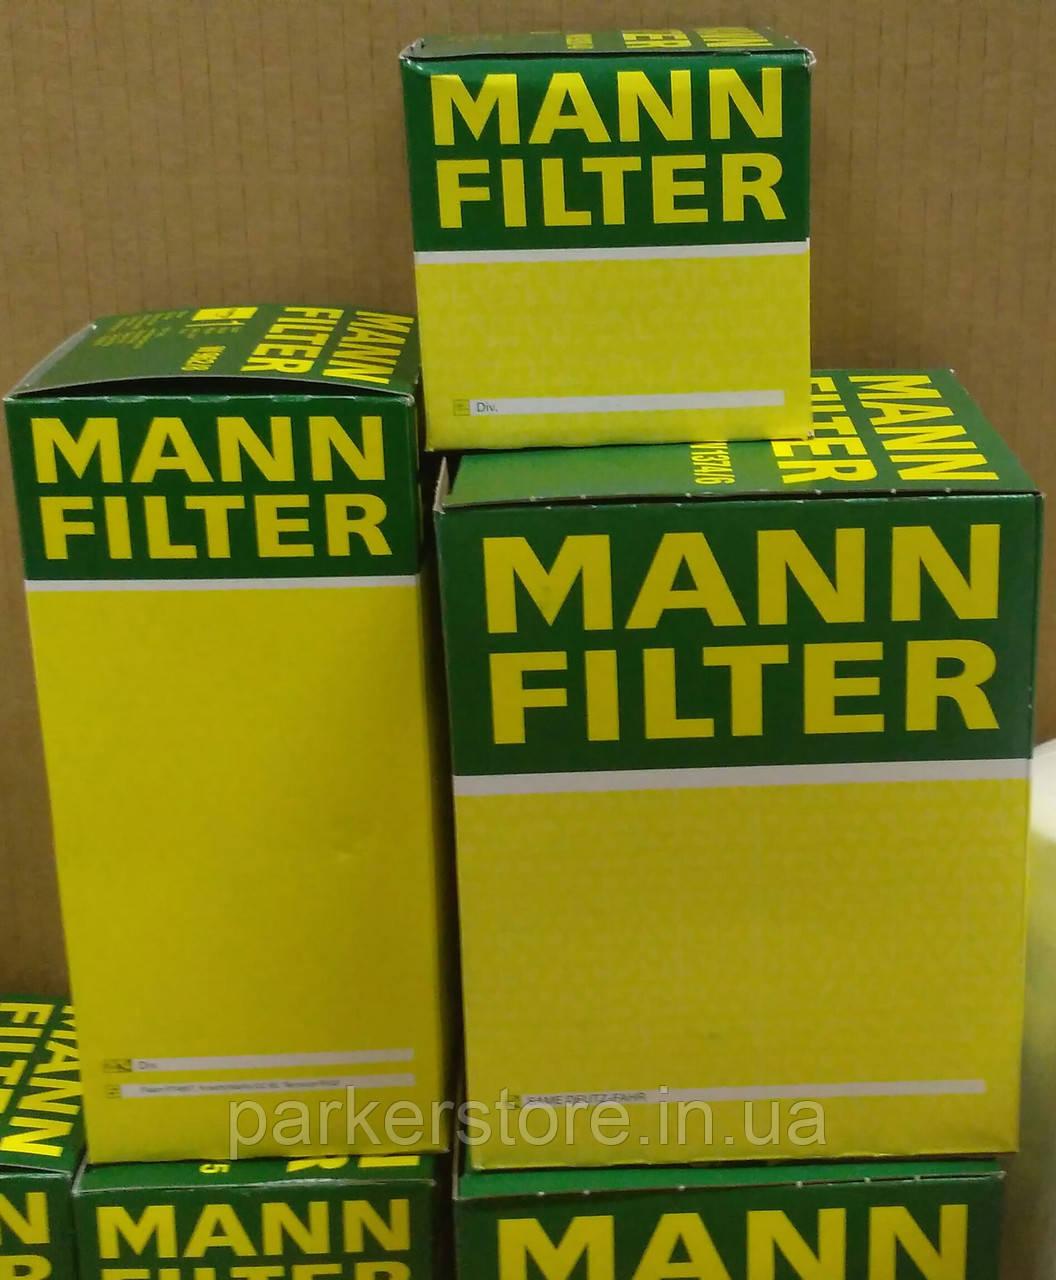 MANN FILTER / Воздушный фильтр / C 14 160 / C14160